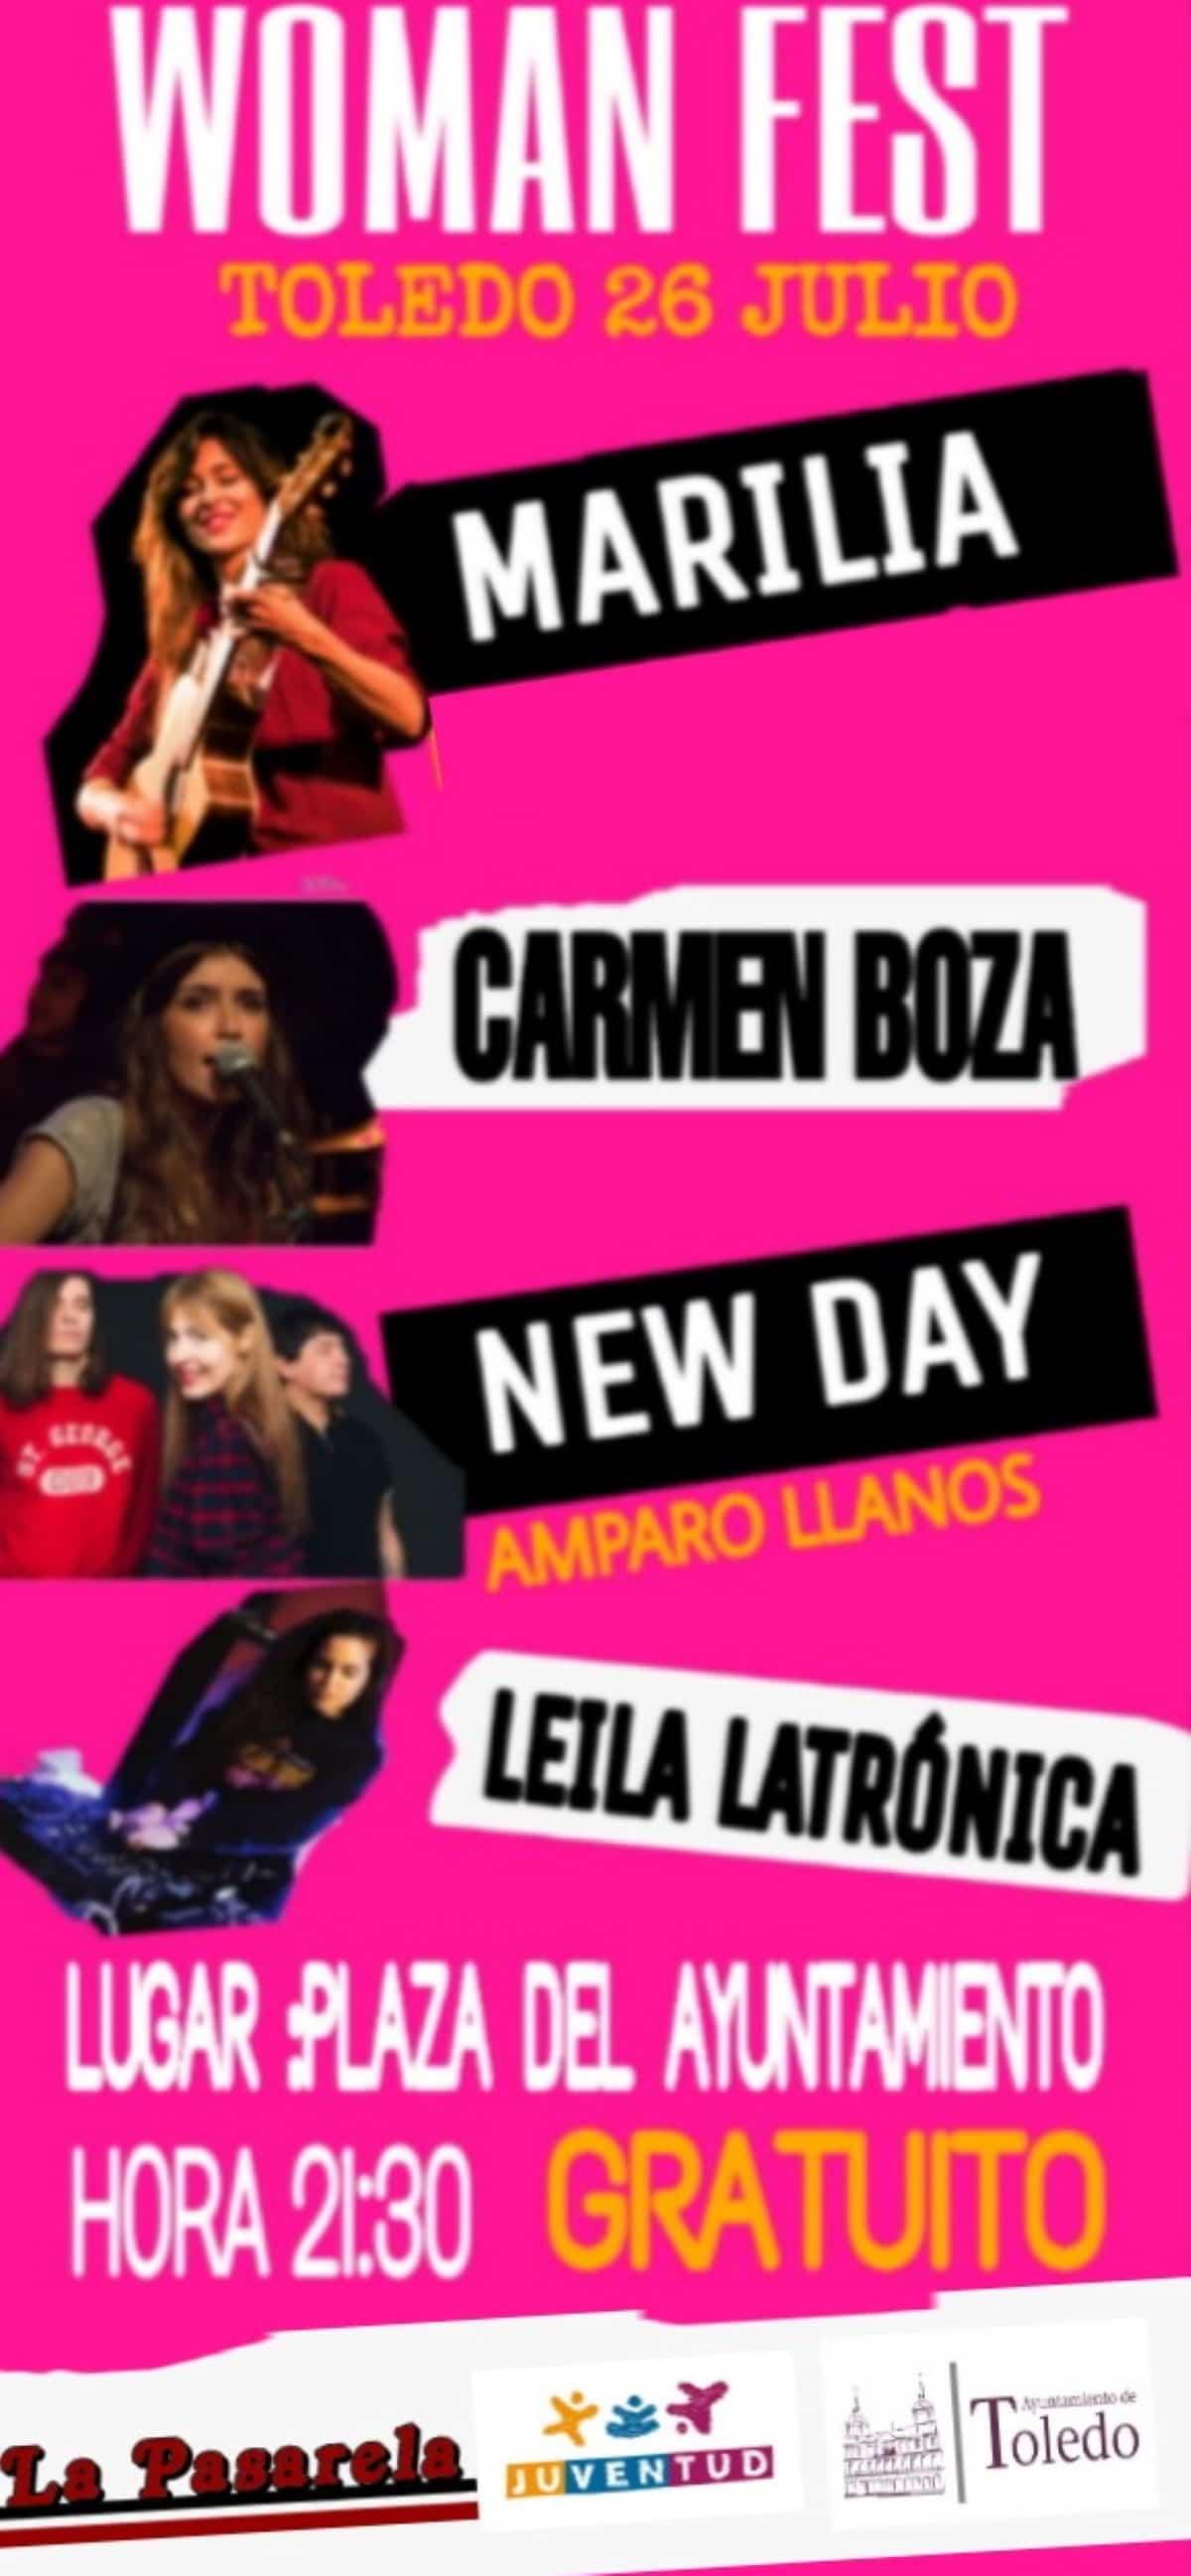 Primer Festival Woman Fest se celebrará este viernes en la plaza del Ayuntamiento de Toledo 1